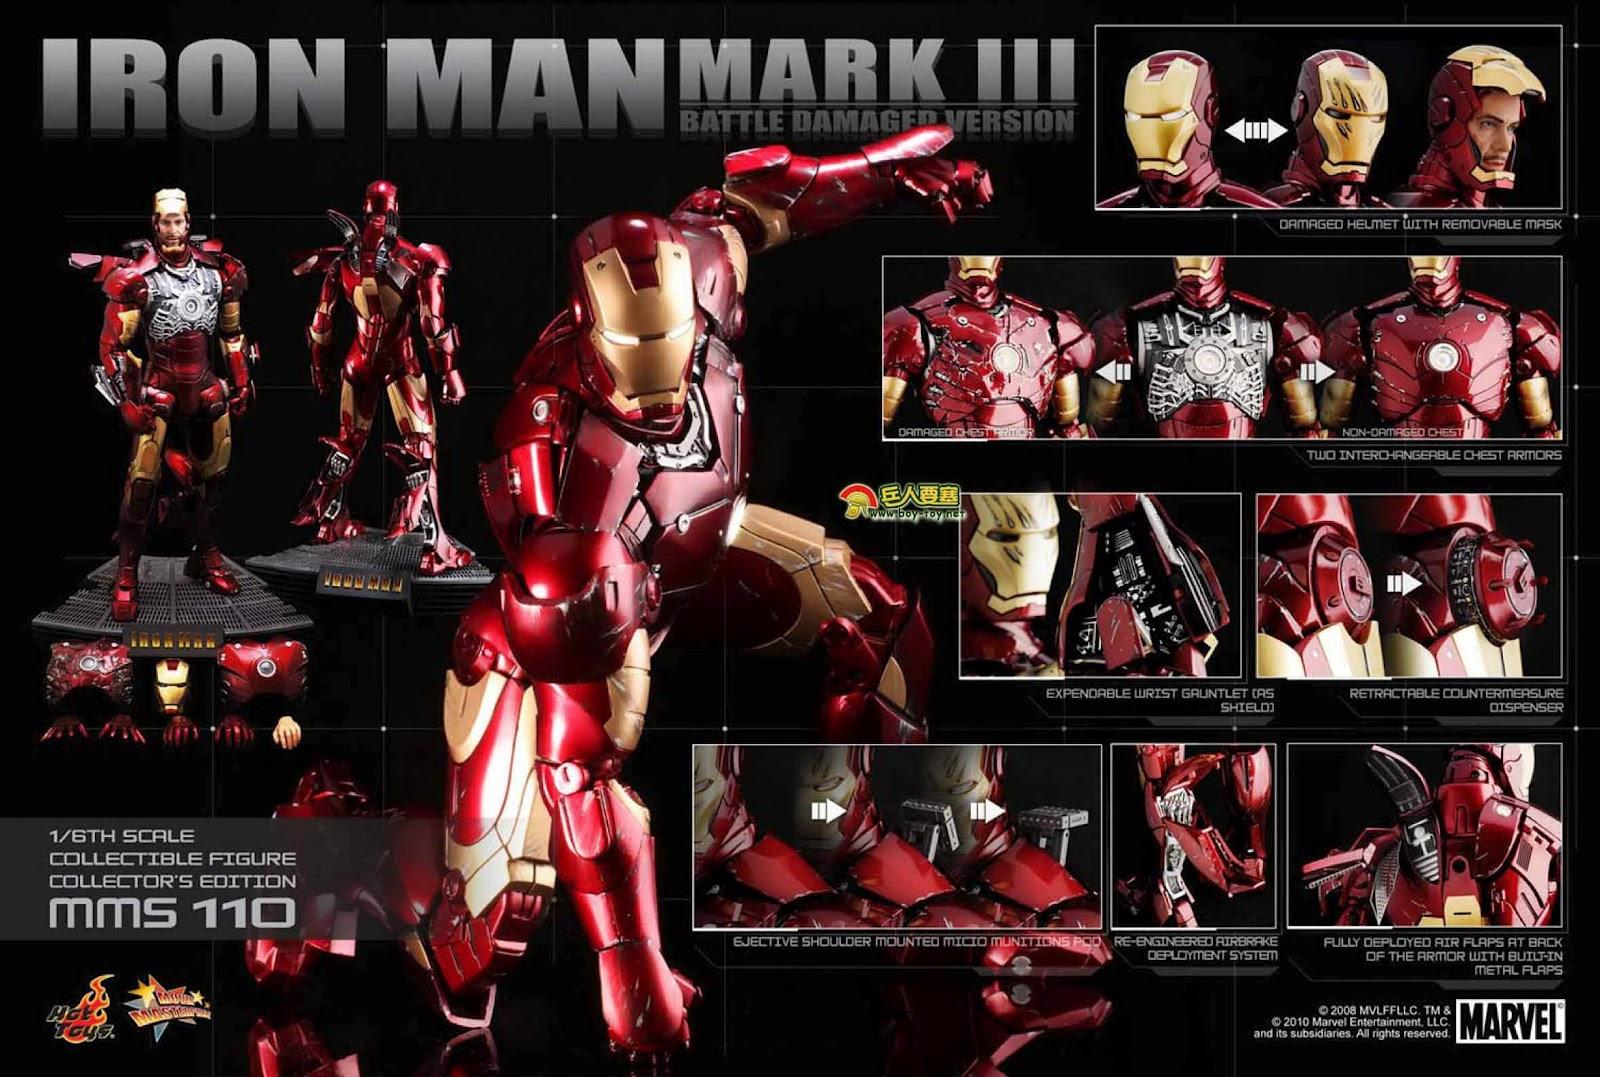 http://2.bp.blogspot.com/-wdBjaG1RQFo/UXkTqU3cx7I/AAAAAAAAFTM/LGBUBpbIG9Q/s1600/iron-man-3-entertainment-online.jpg